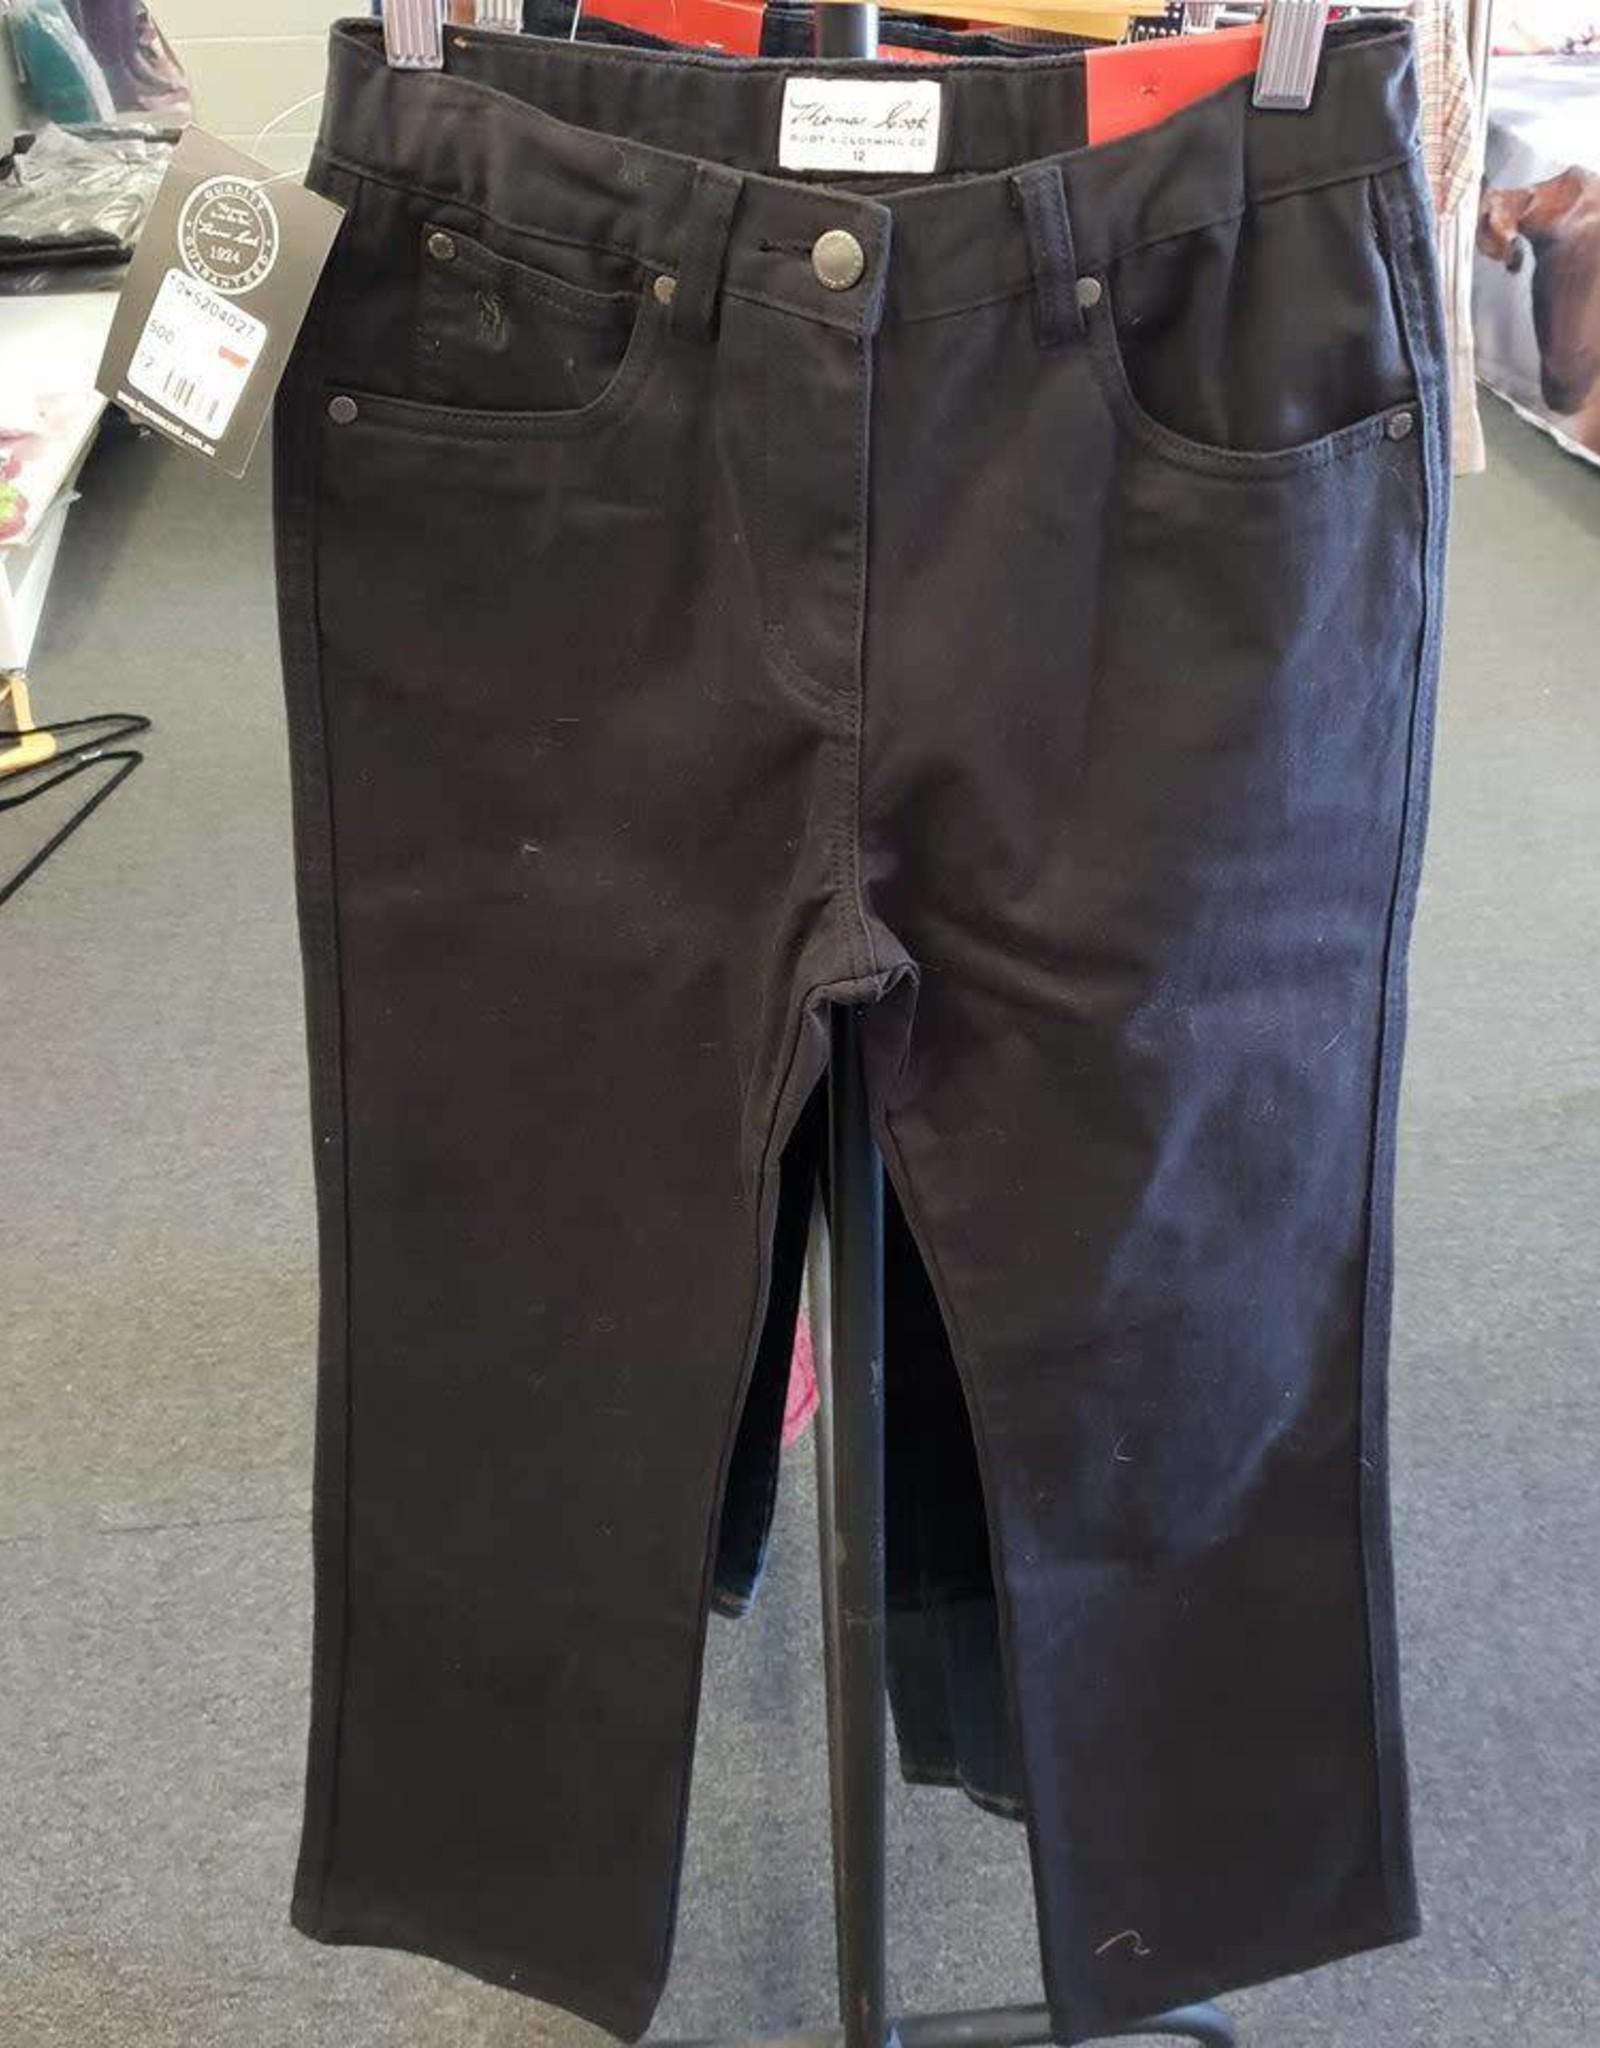 Thomas Cook Thomas Cook Girl's Straight Moleskin Bootleg - Black Jean - Size 14